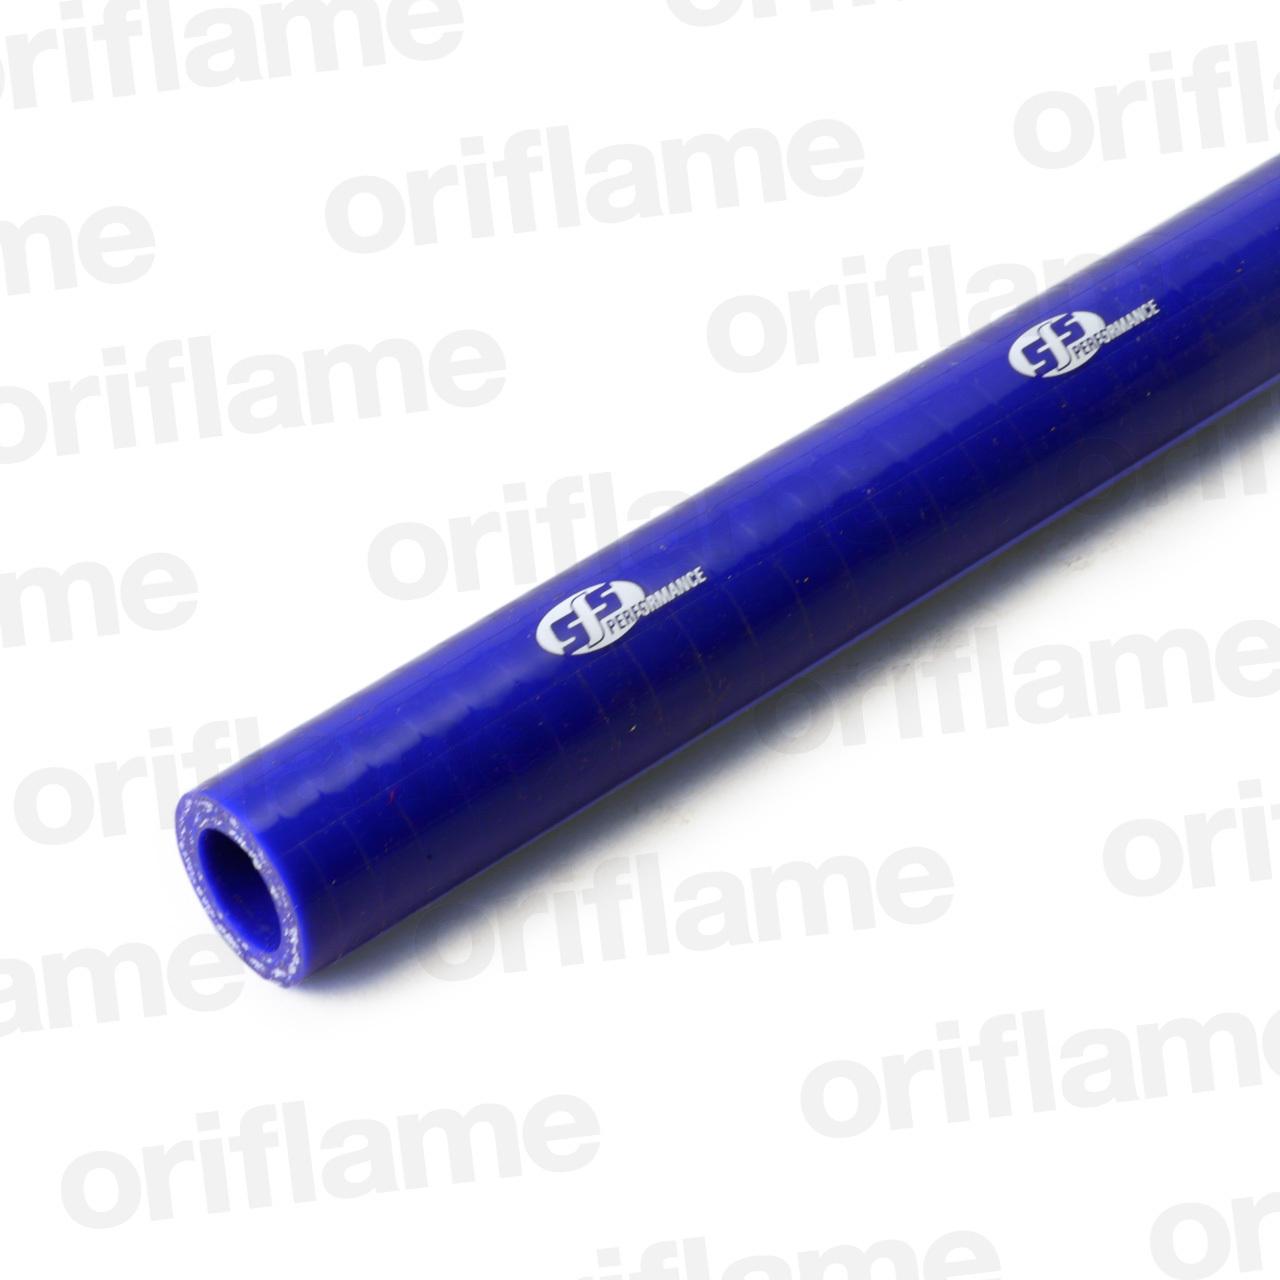 ストレートホース・内径16mm・ブルー